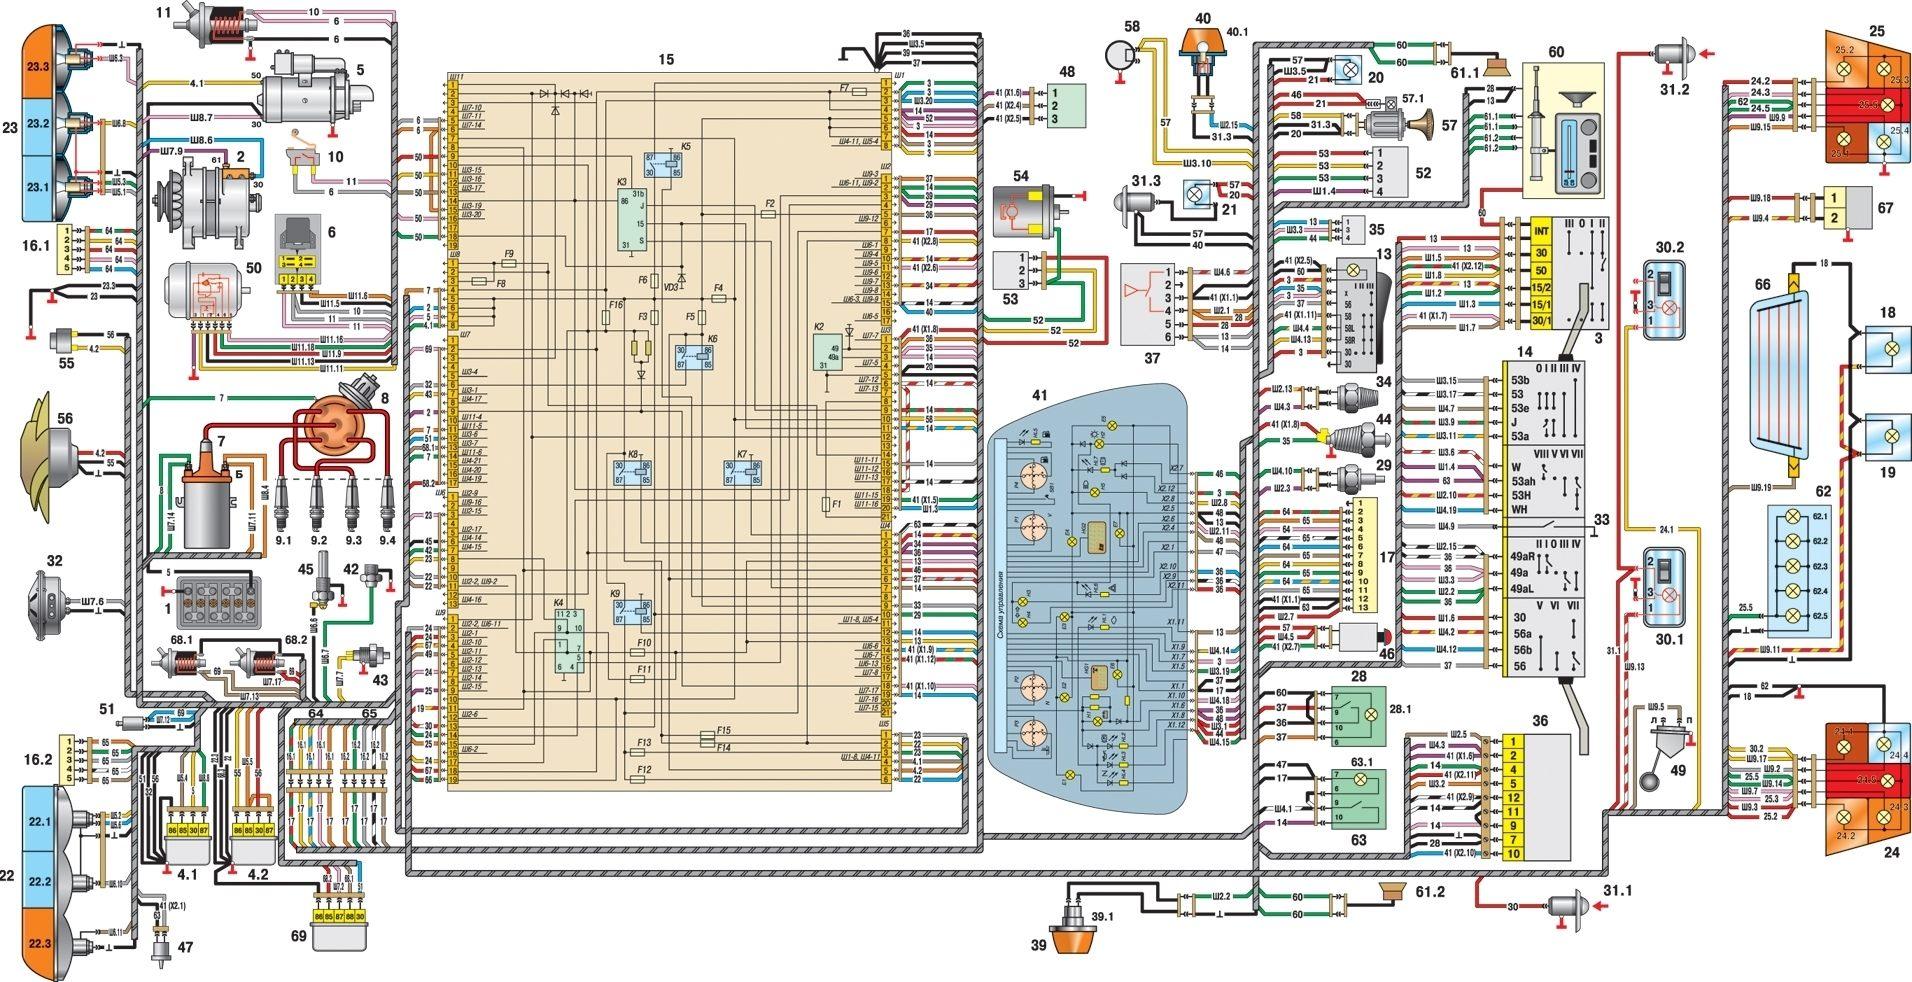 Иж-ода схема электрооборудования